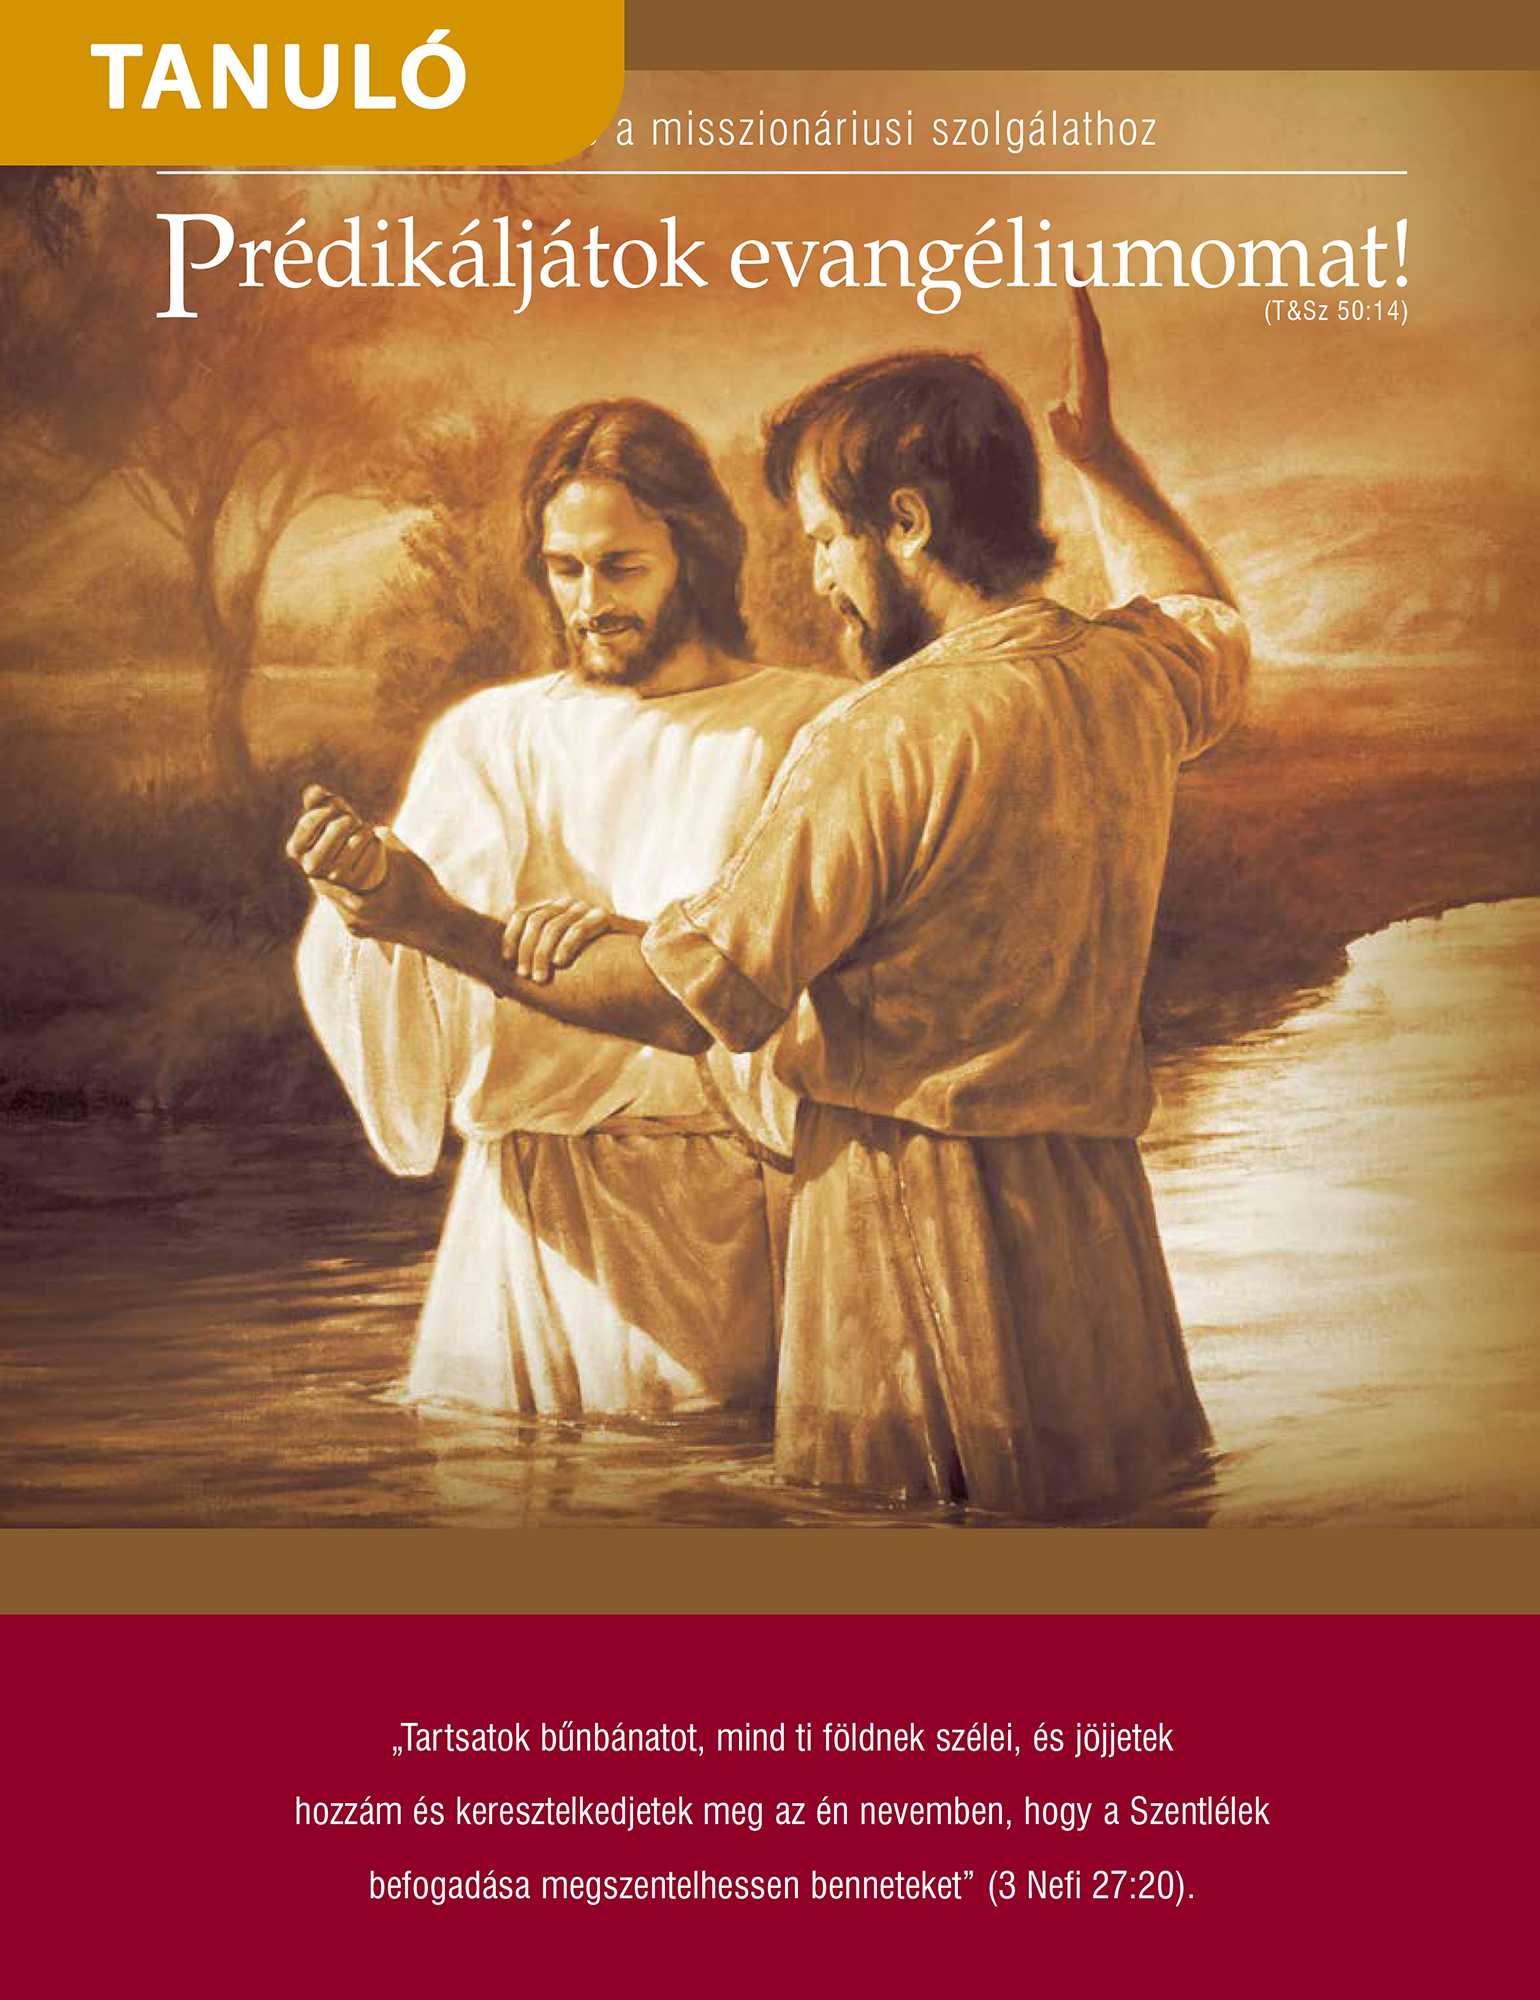 Prédikáljátok evangéliumomat!